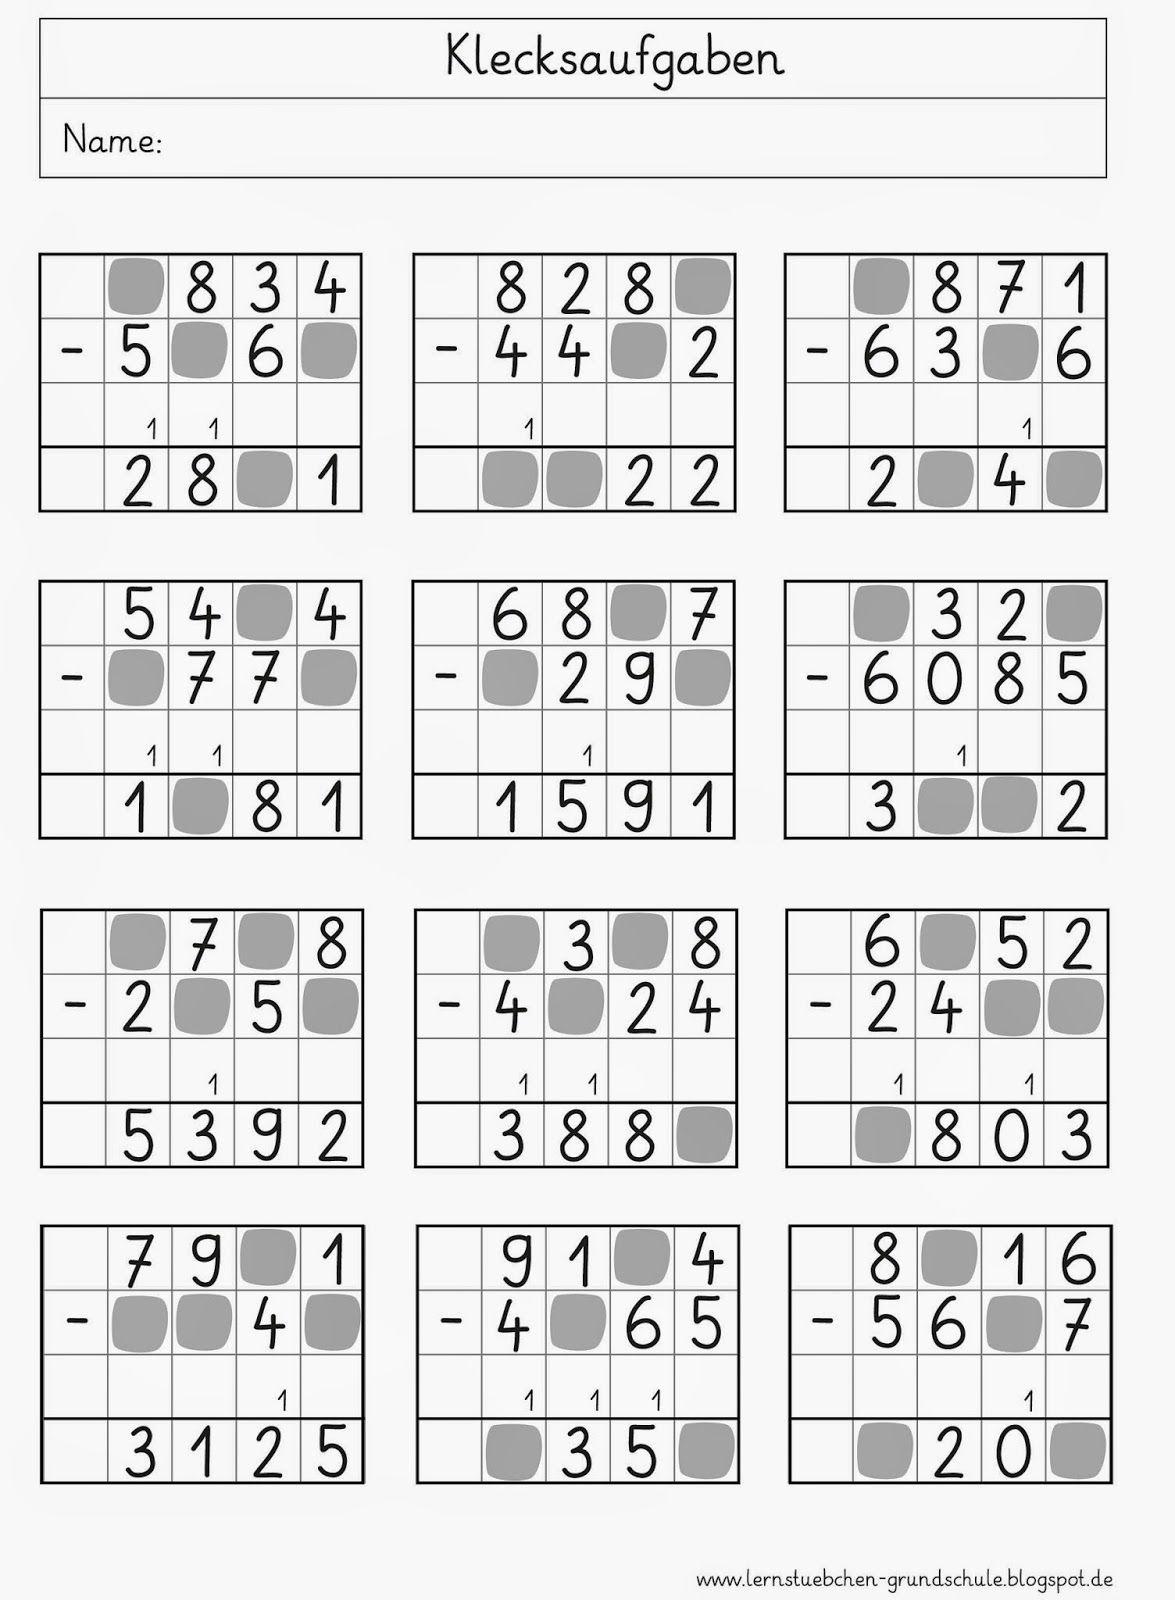 Lernstübchen: Klecksaufgaben | Mathematik 4.Klasse | Pinterest ...